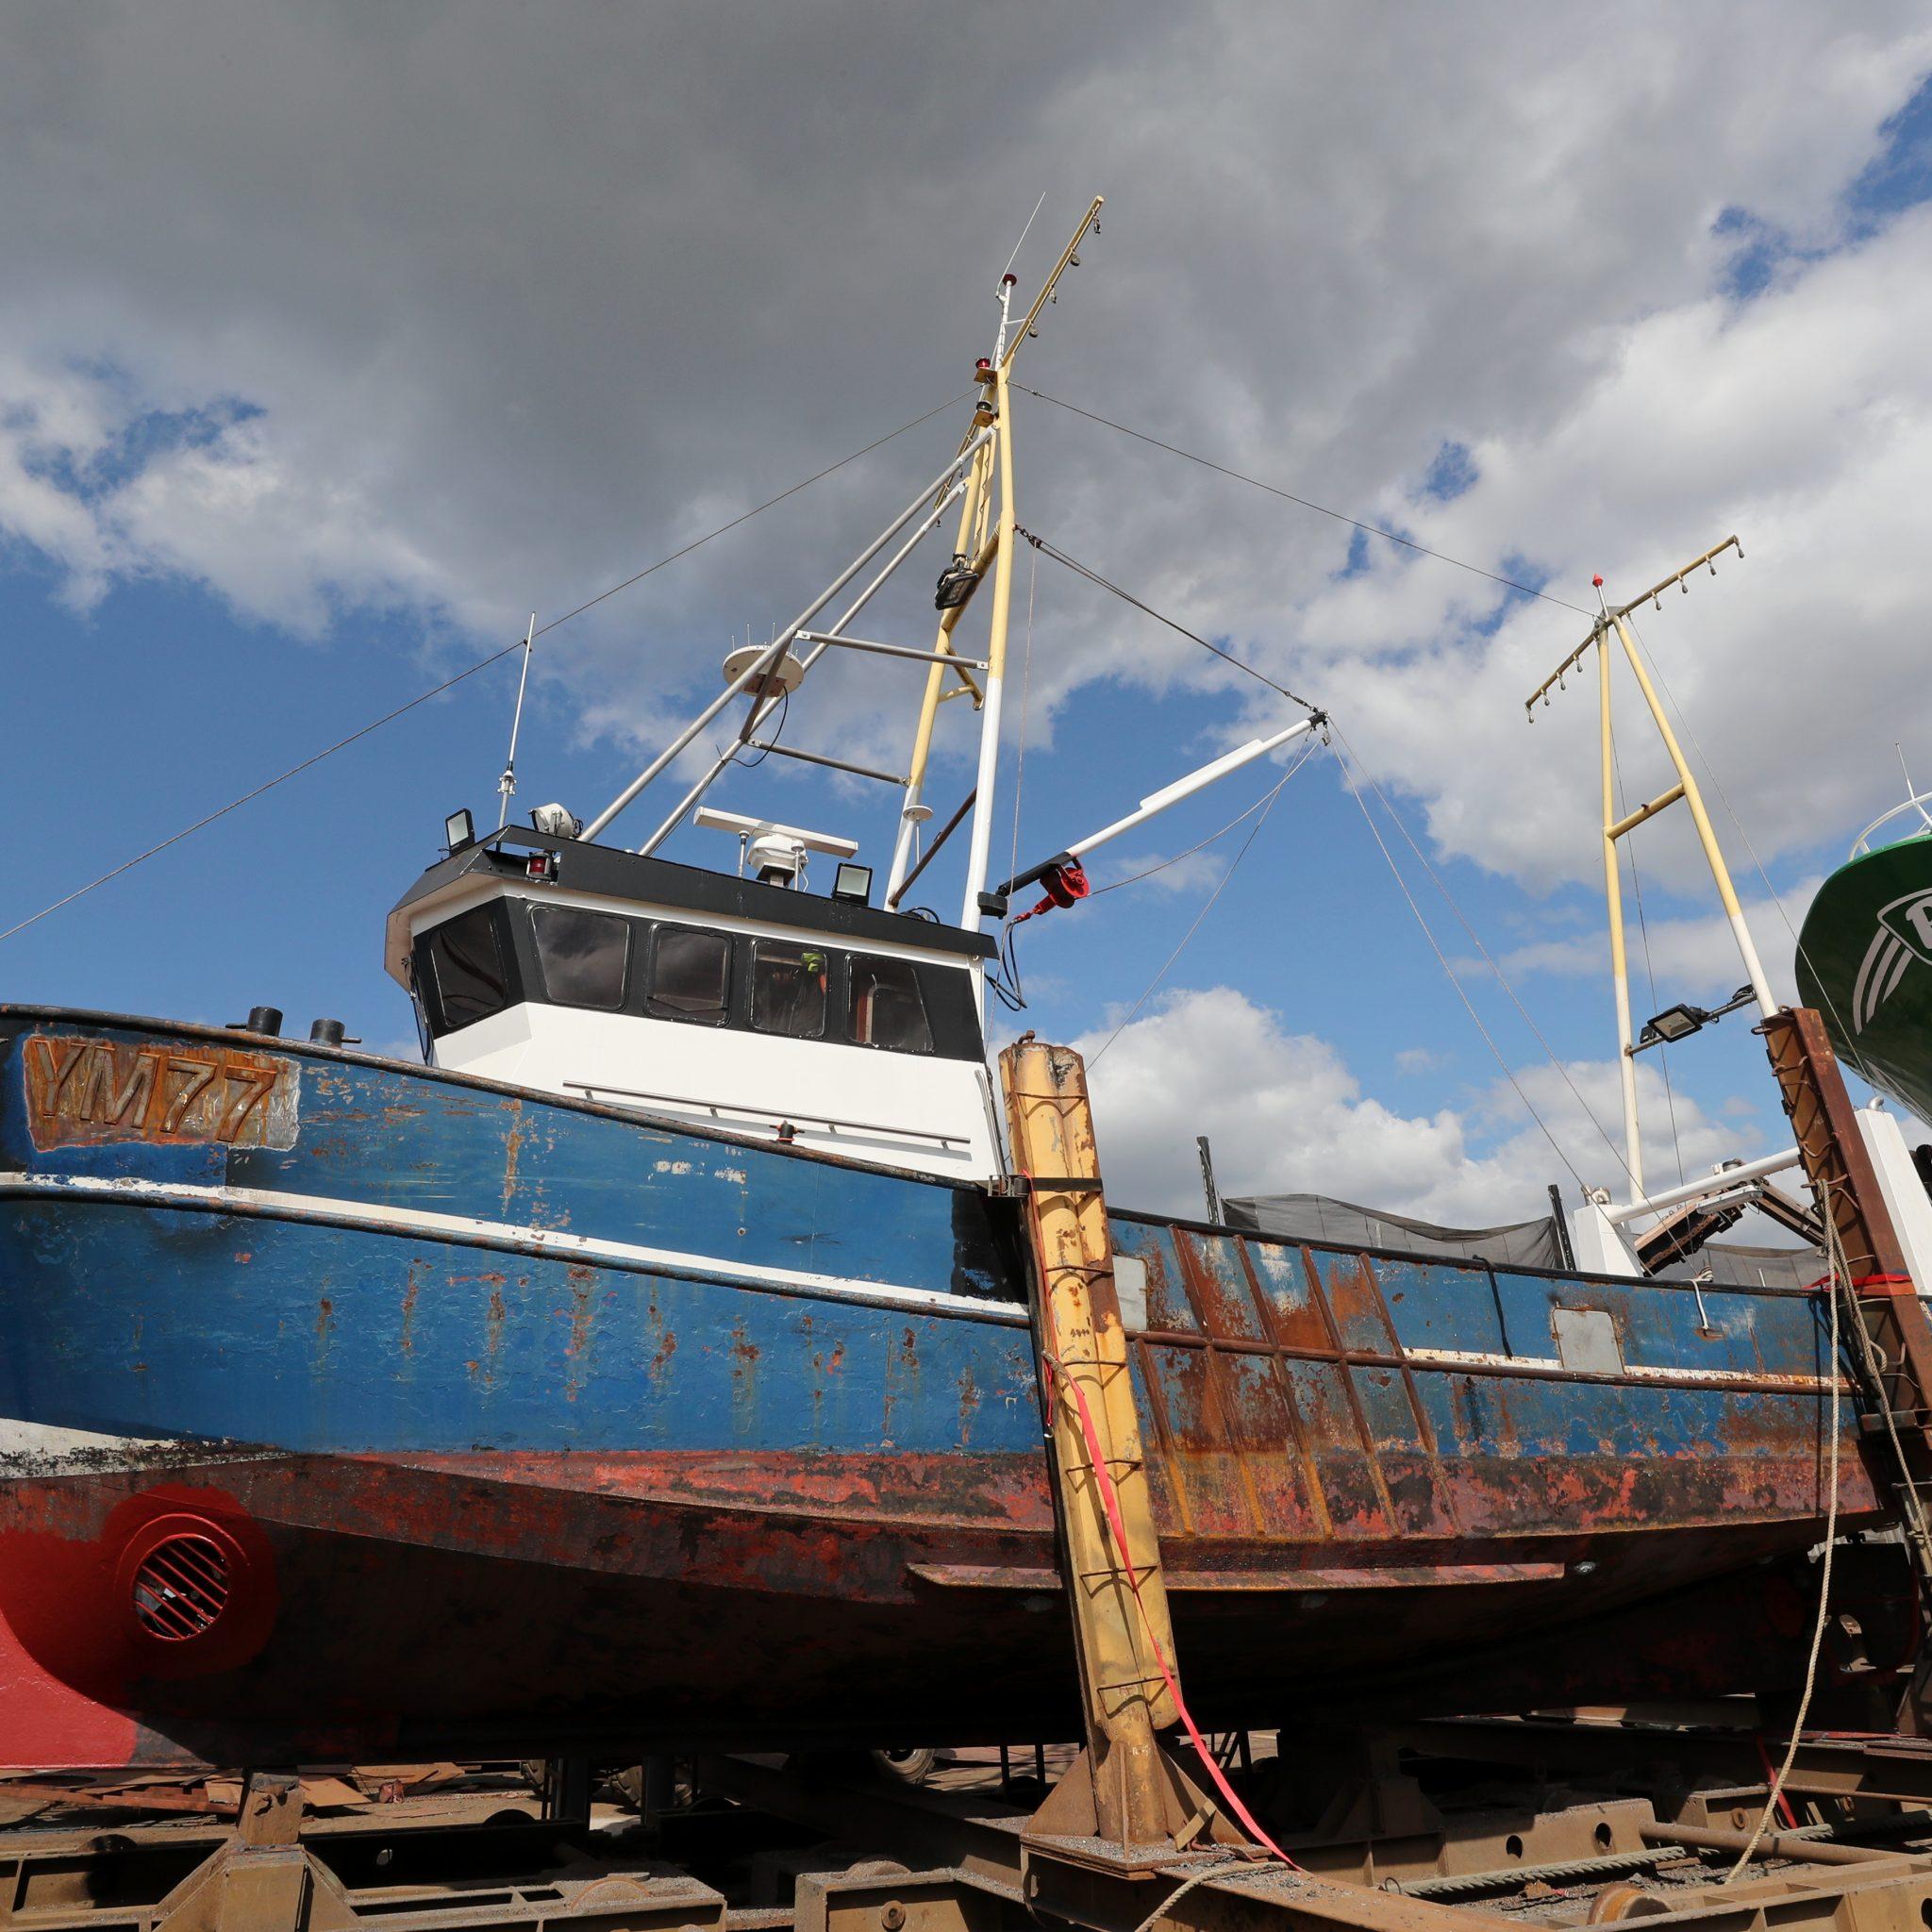 De vroegere EH-15 wordt als YM-77 klaargemaakt voor de visserij op de Noordzee. (Foto Bram Pronk)